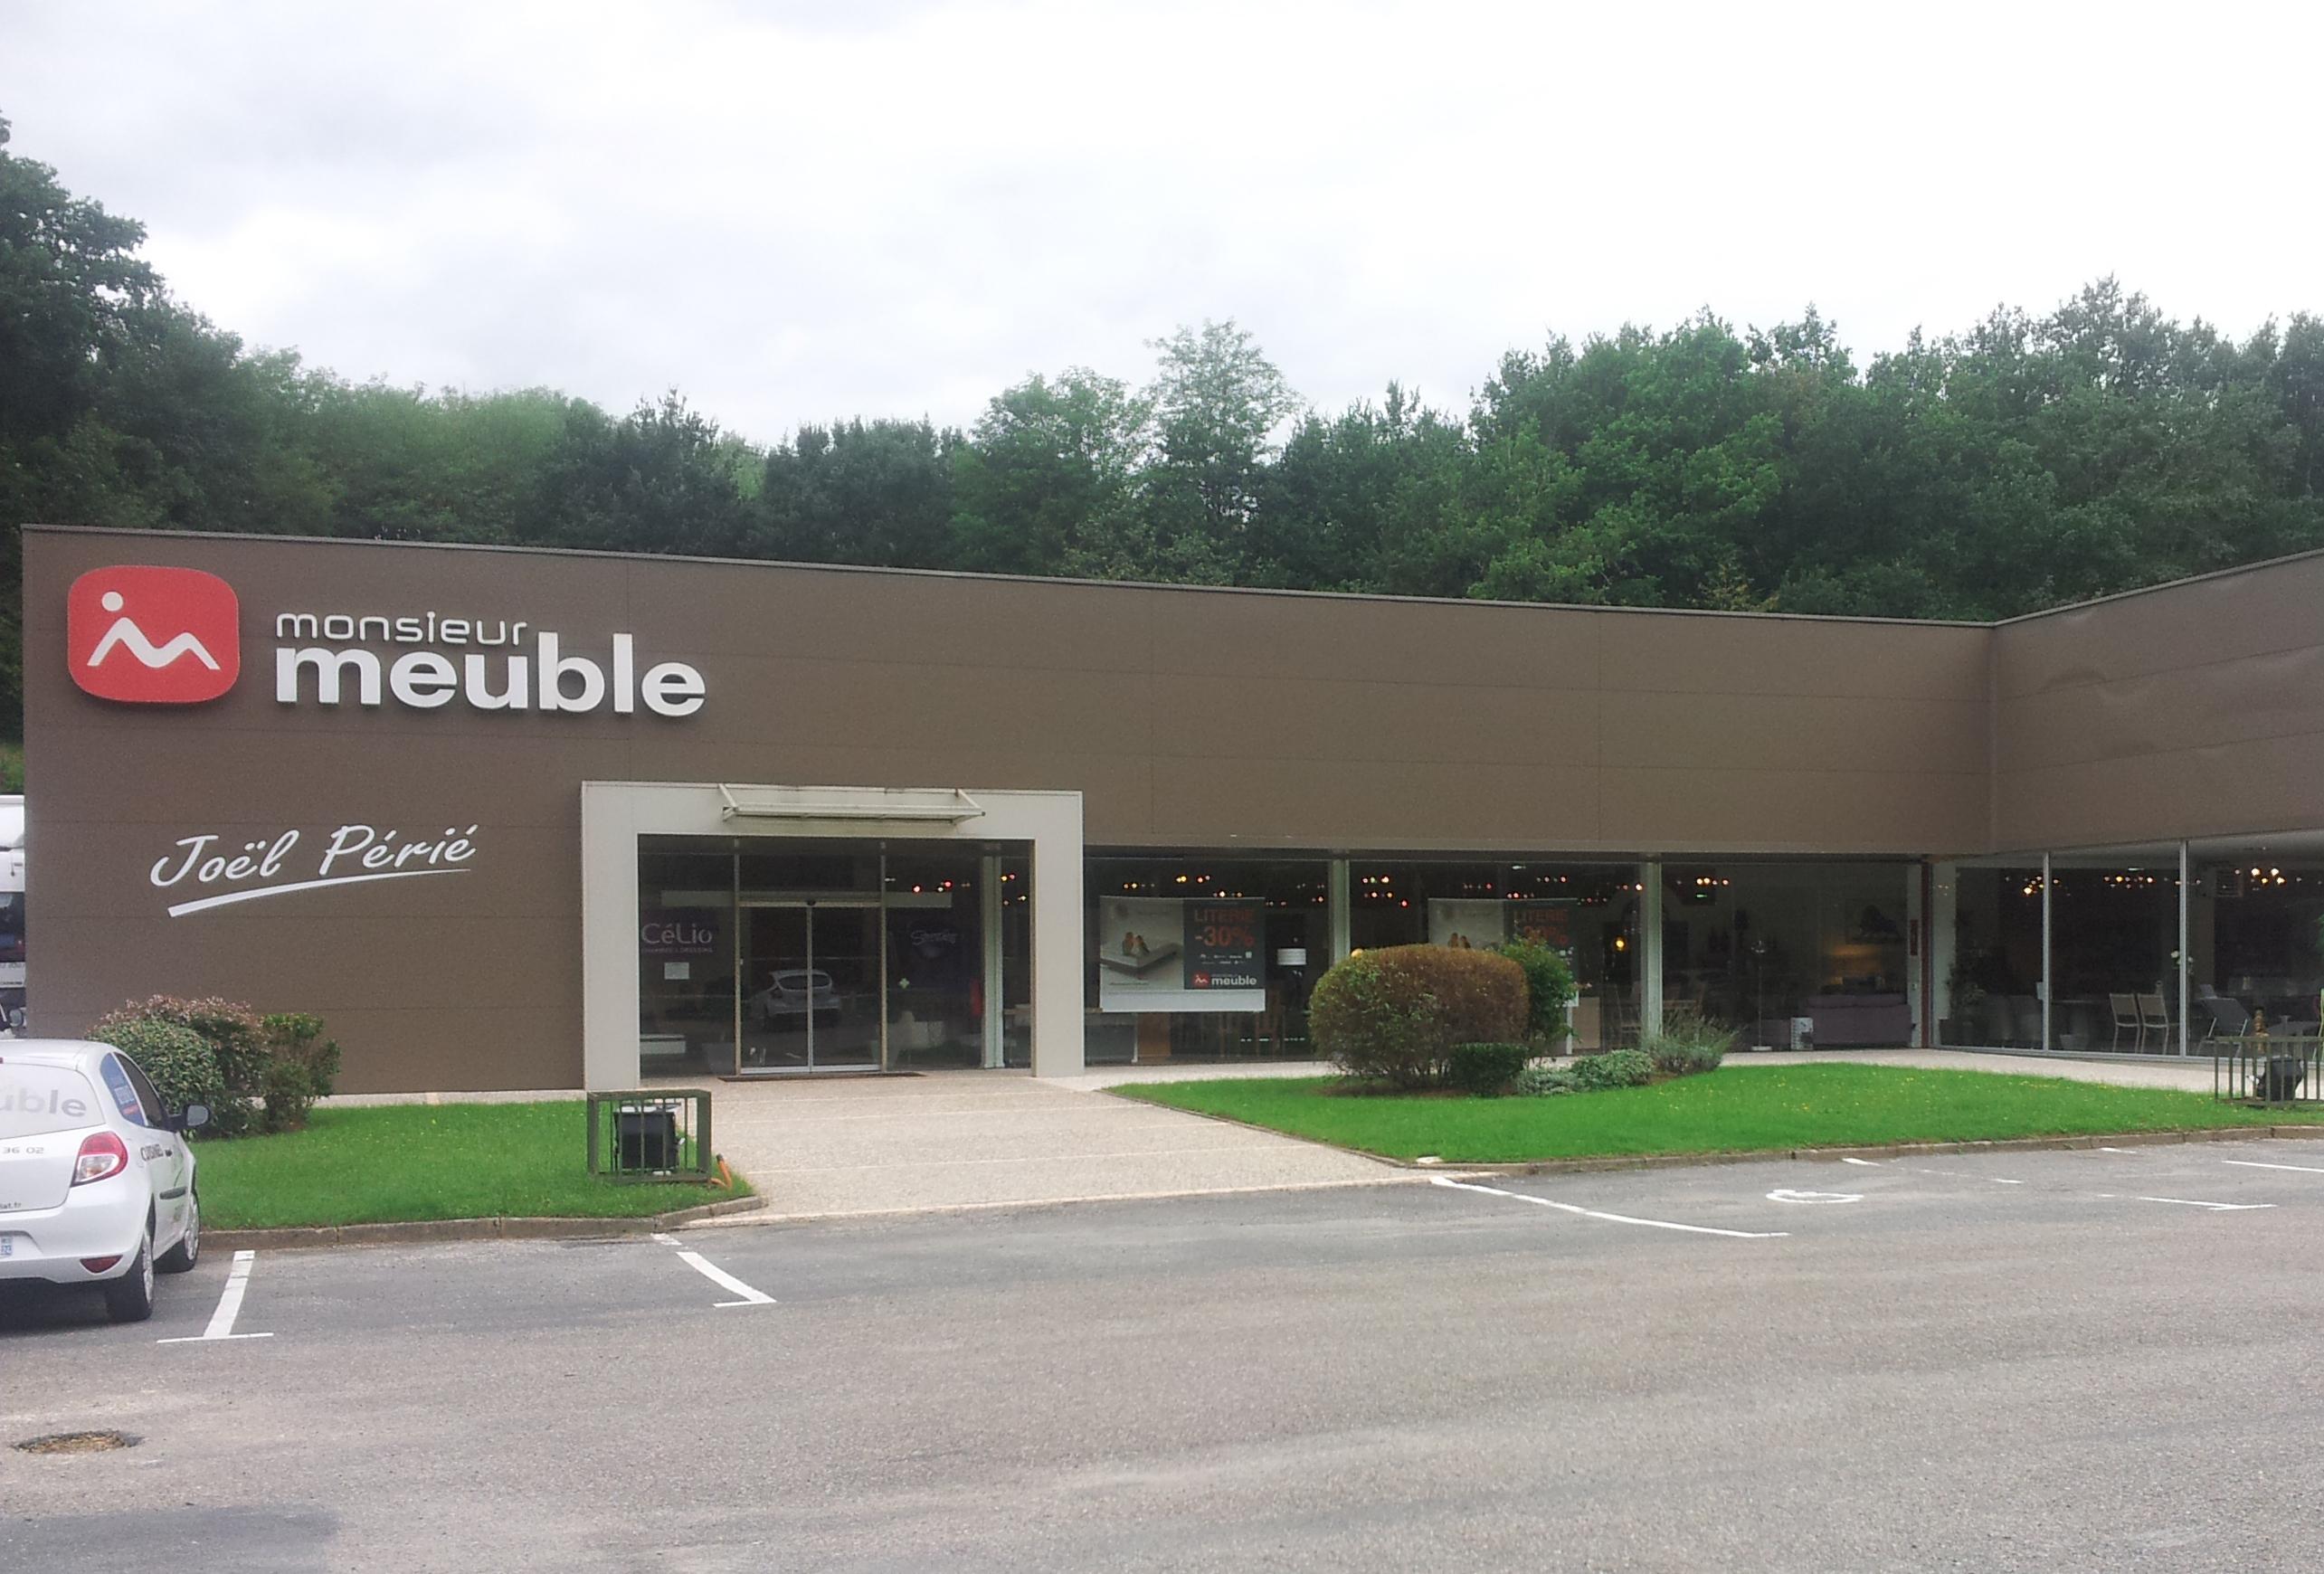 Monsieur Meuble Sarlat Meubles Celio Fabricant Francais